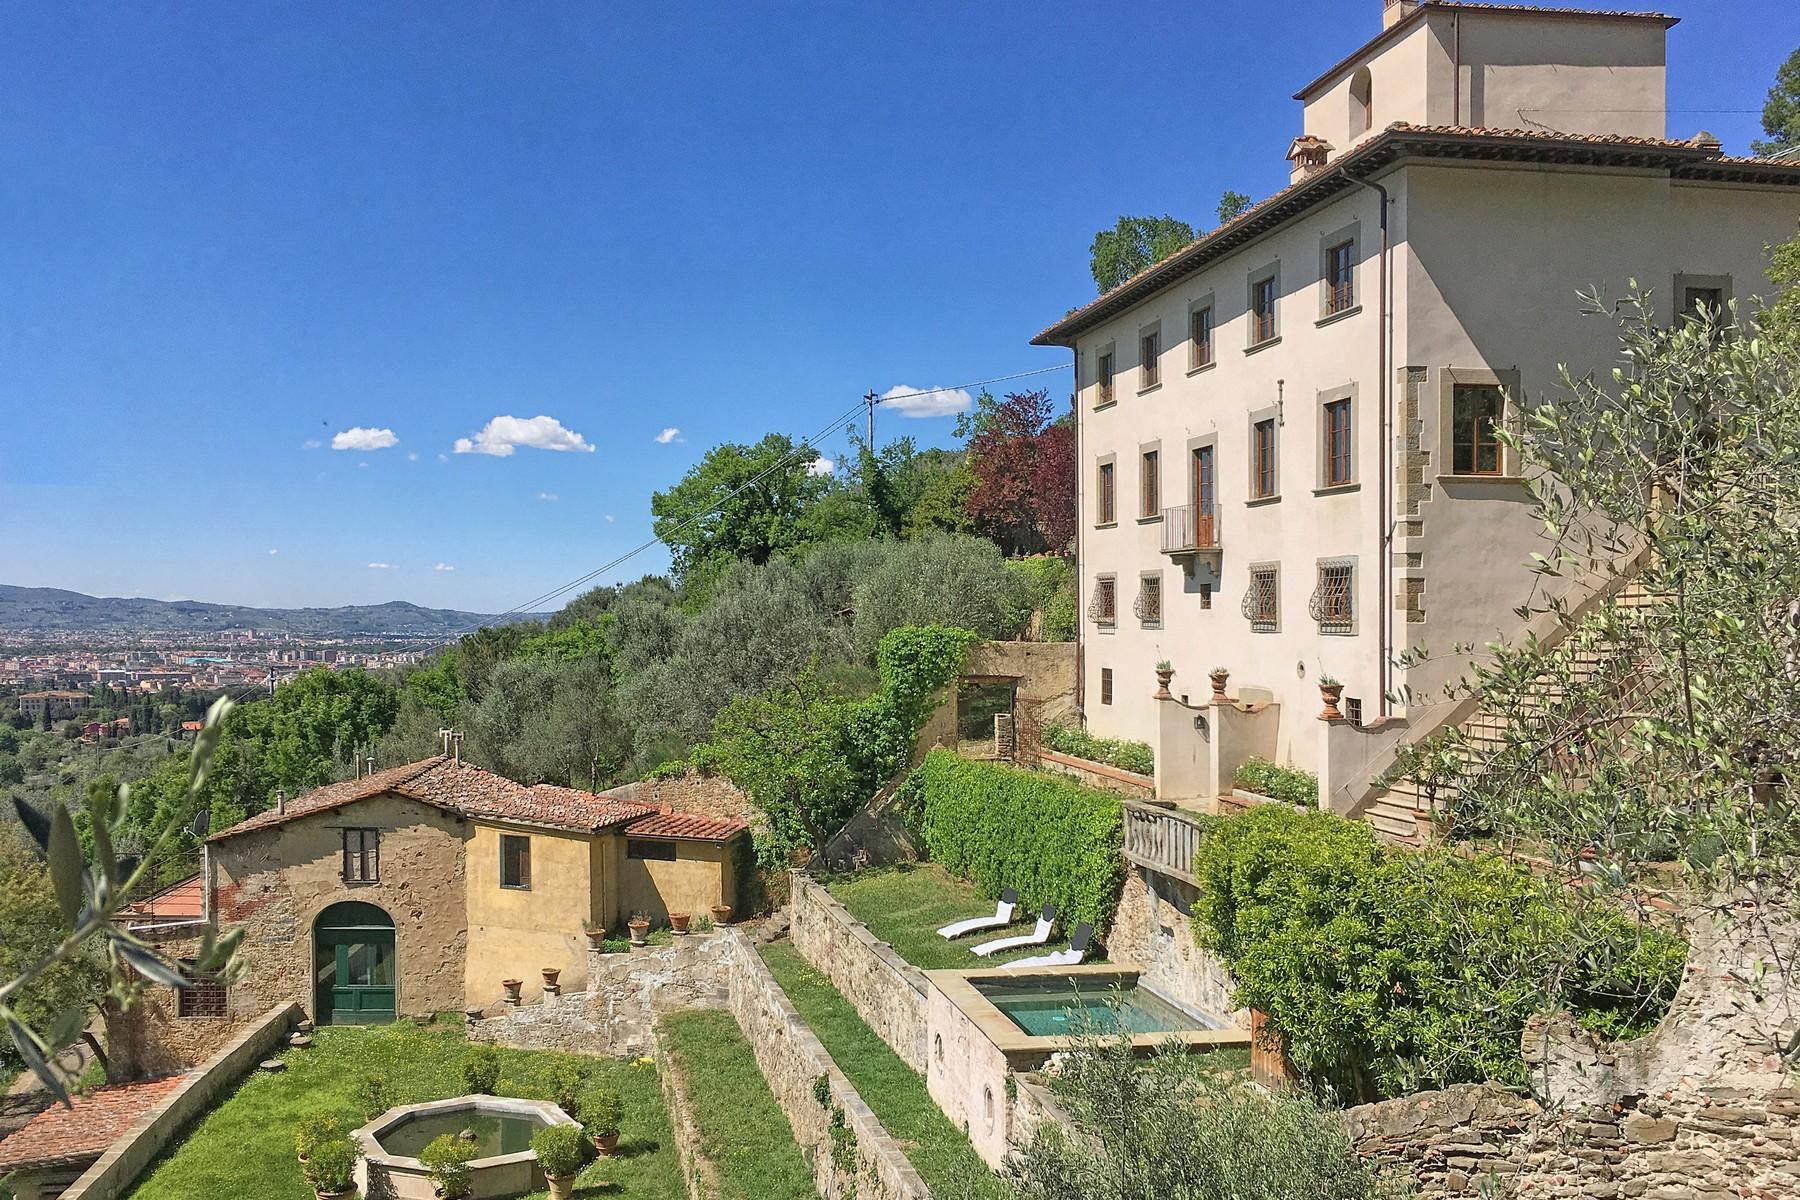 Meravigliosa villa con piscina sulle colline di Firenze - 1